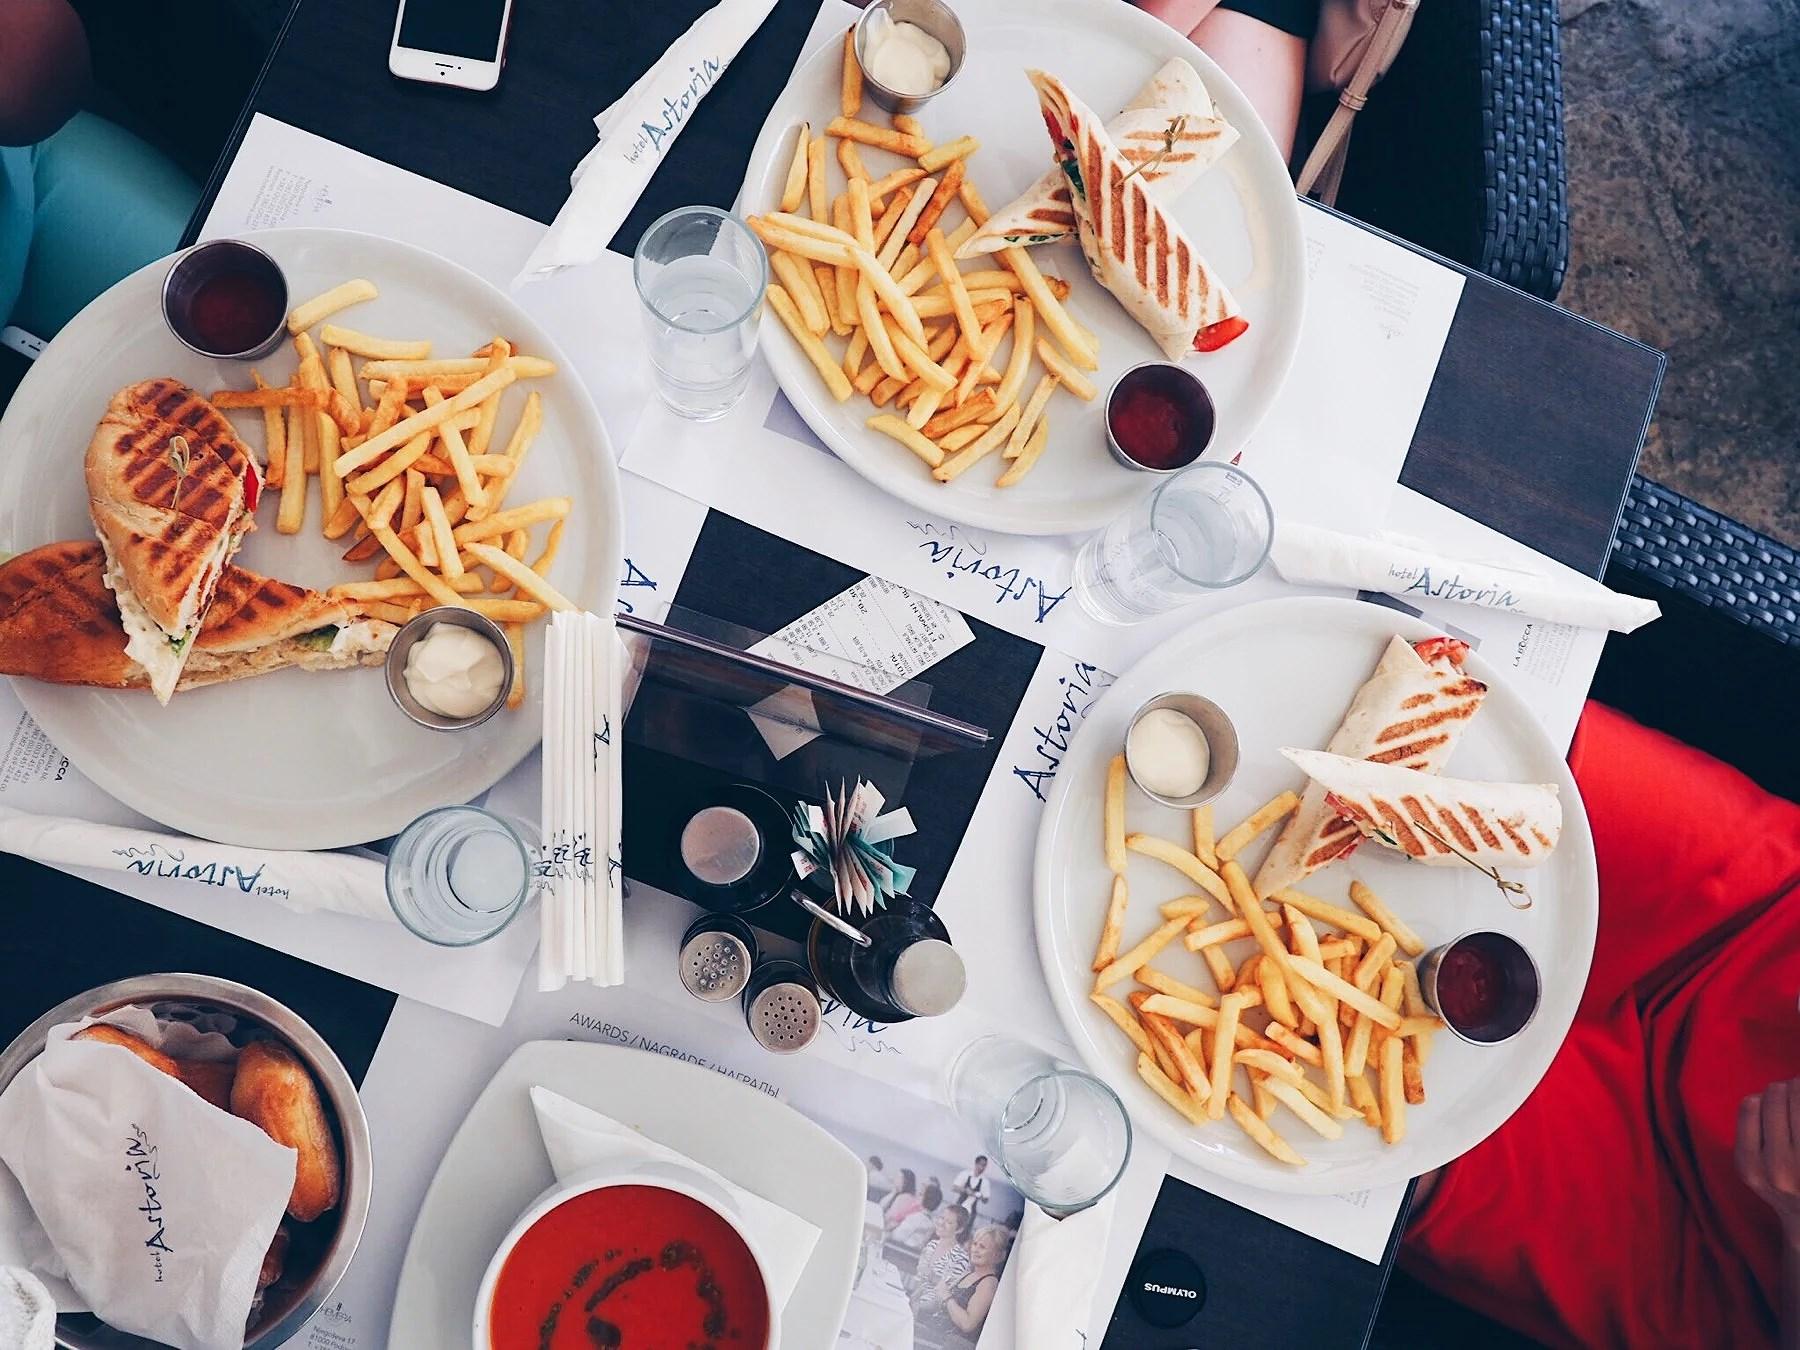 Where to Eat? Astoria - Montenegro